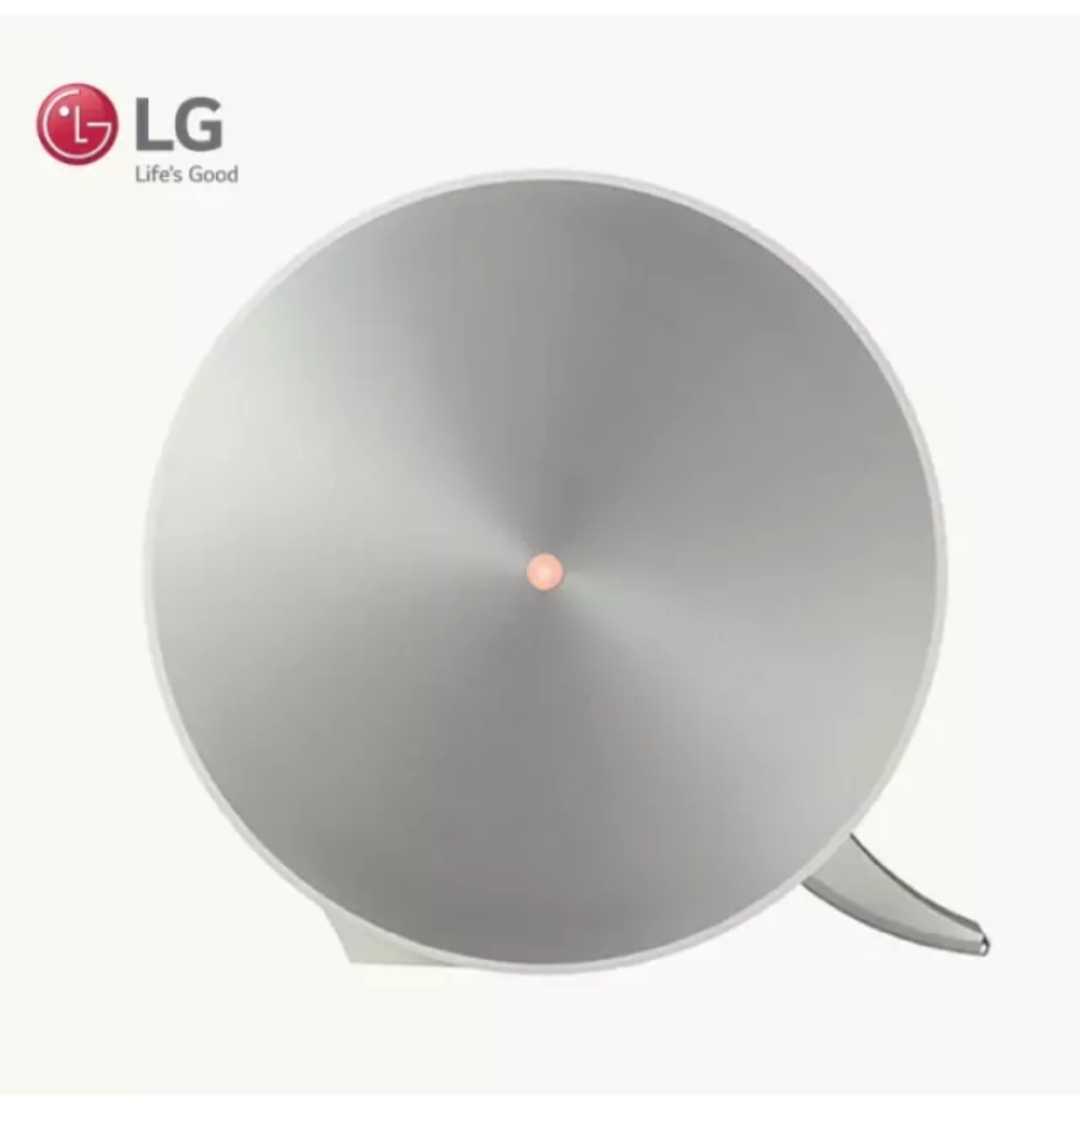 [新特奇生活馆空气净化,氧吧]LG 空气净化器AS40GVSL2韩月销量0件仅售2500元